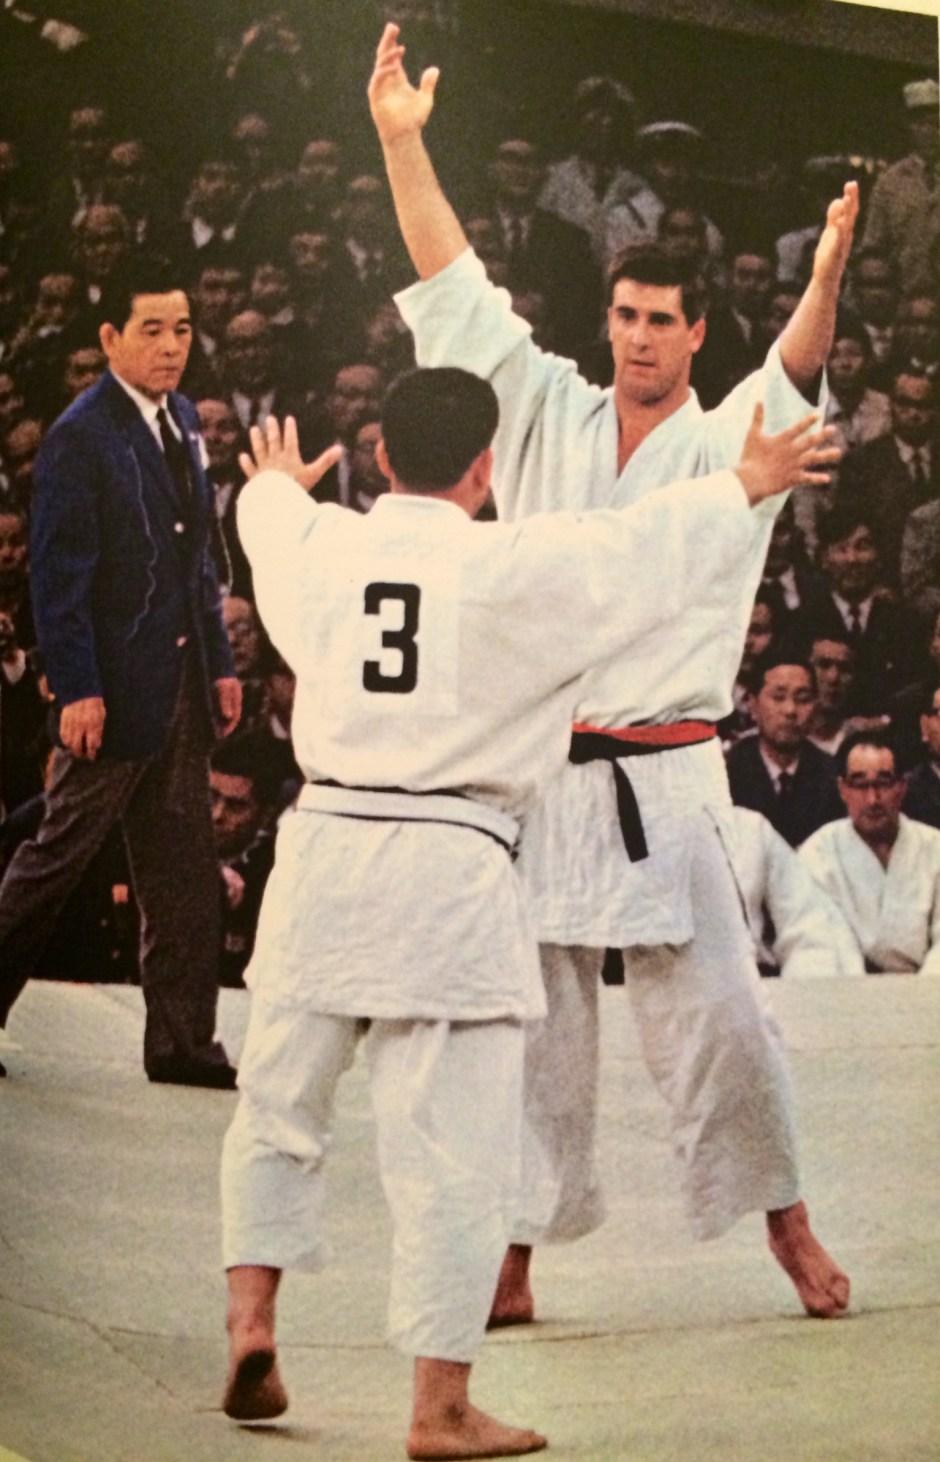 Geesink vs Kaminaga 2_Tokyo Olympics Special Issue_Kokusai Johosha